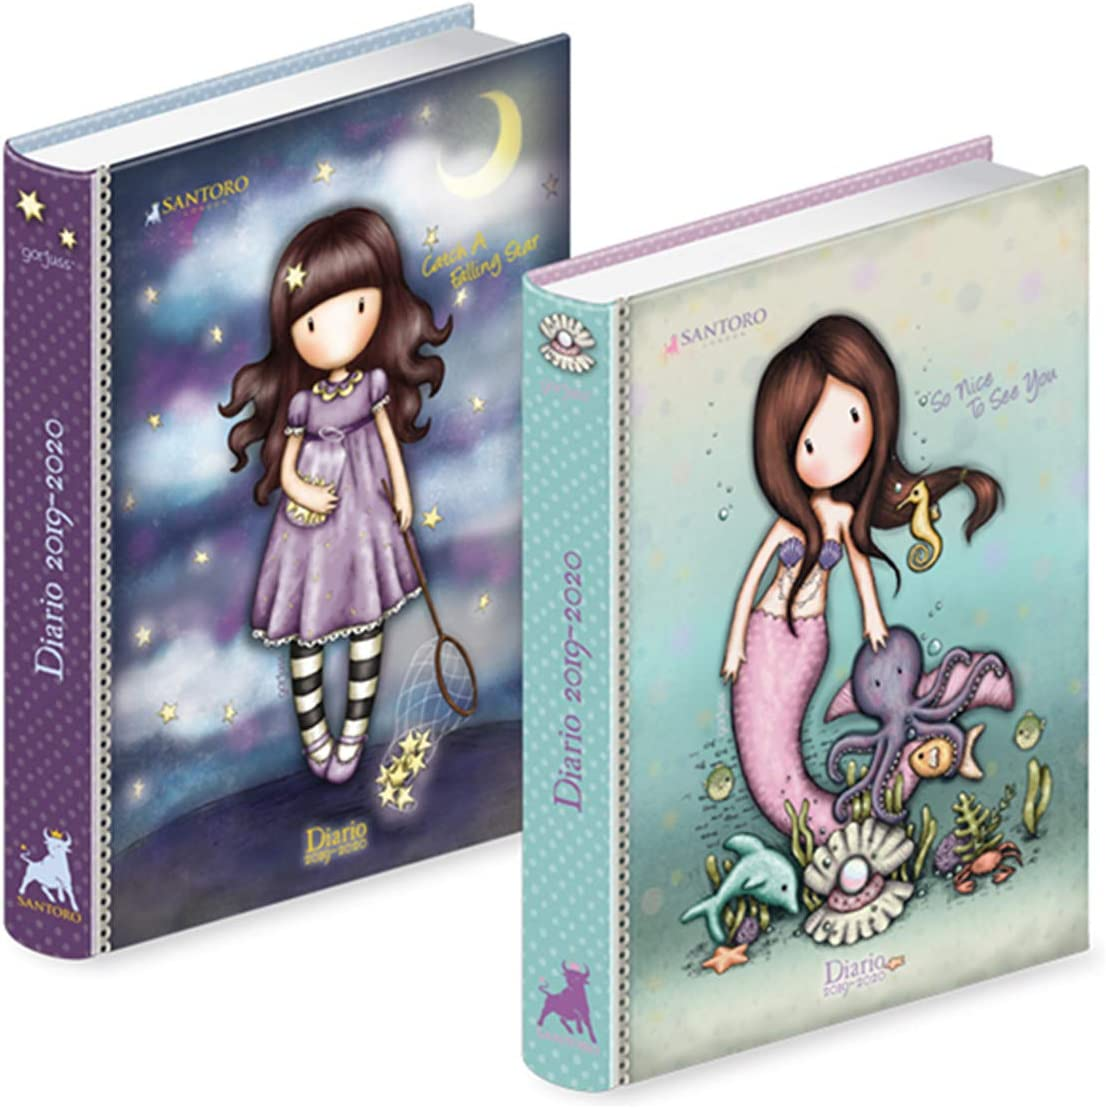 Giocattoli - Santoro London Gorjuss - Diario Pocket (Assortito): Amazon.es: Juguetes y juegos